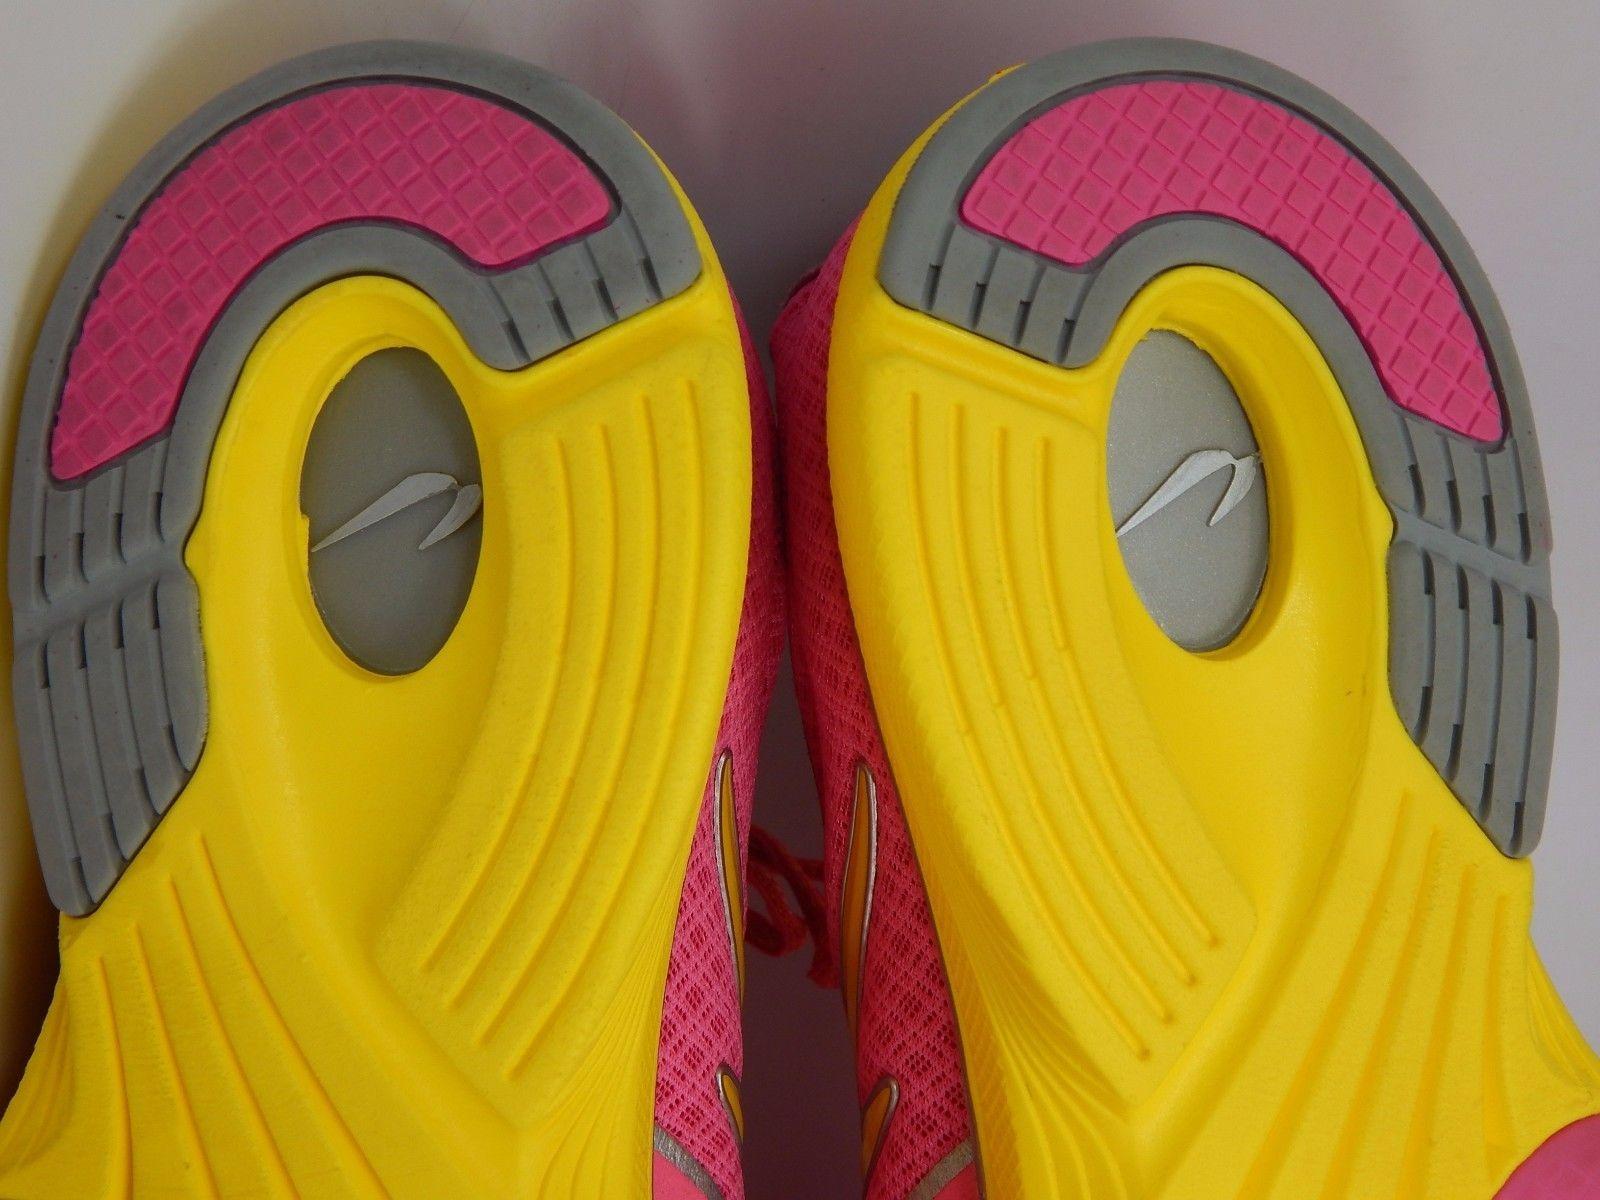 Newton Gravity III Women's Running Shoes Size US 11 M (B) EU 42.5 Pink yellow